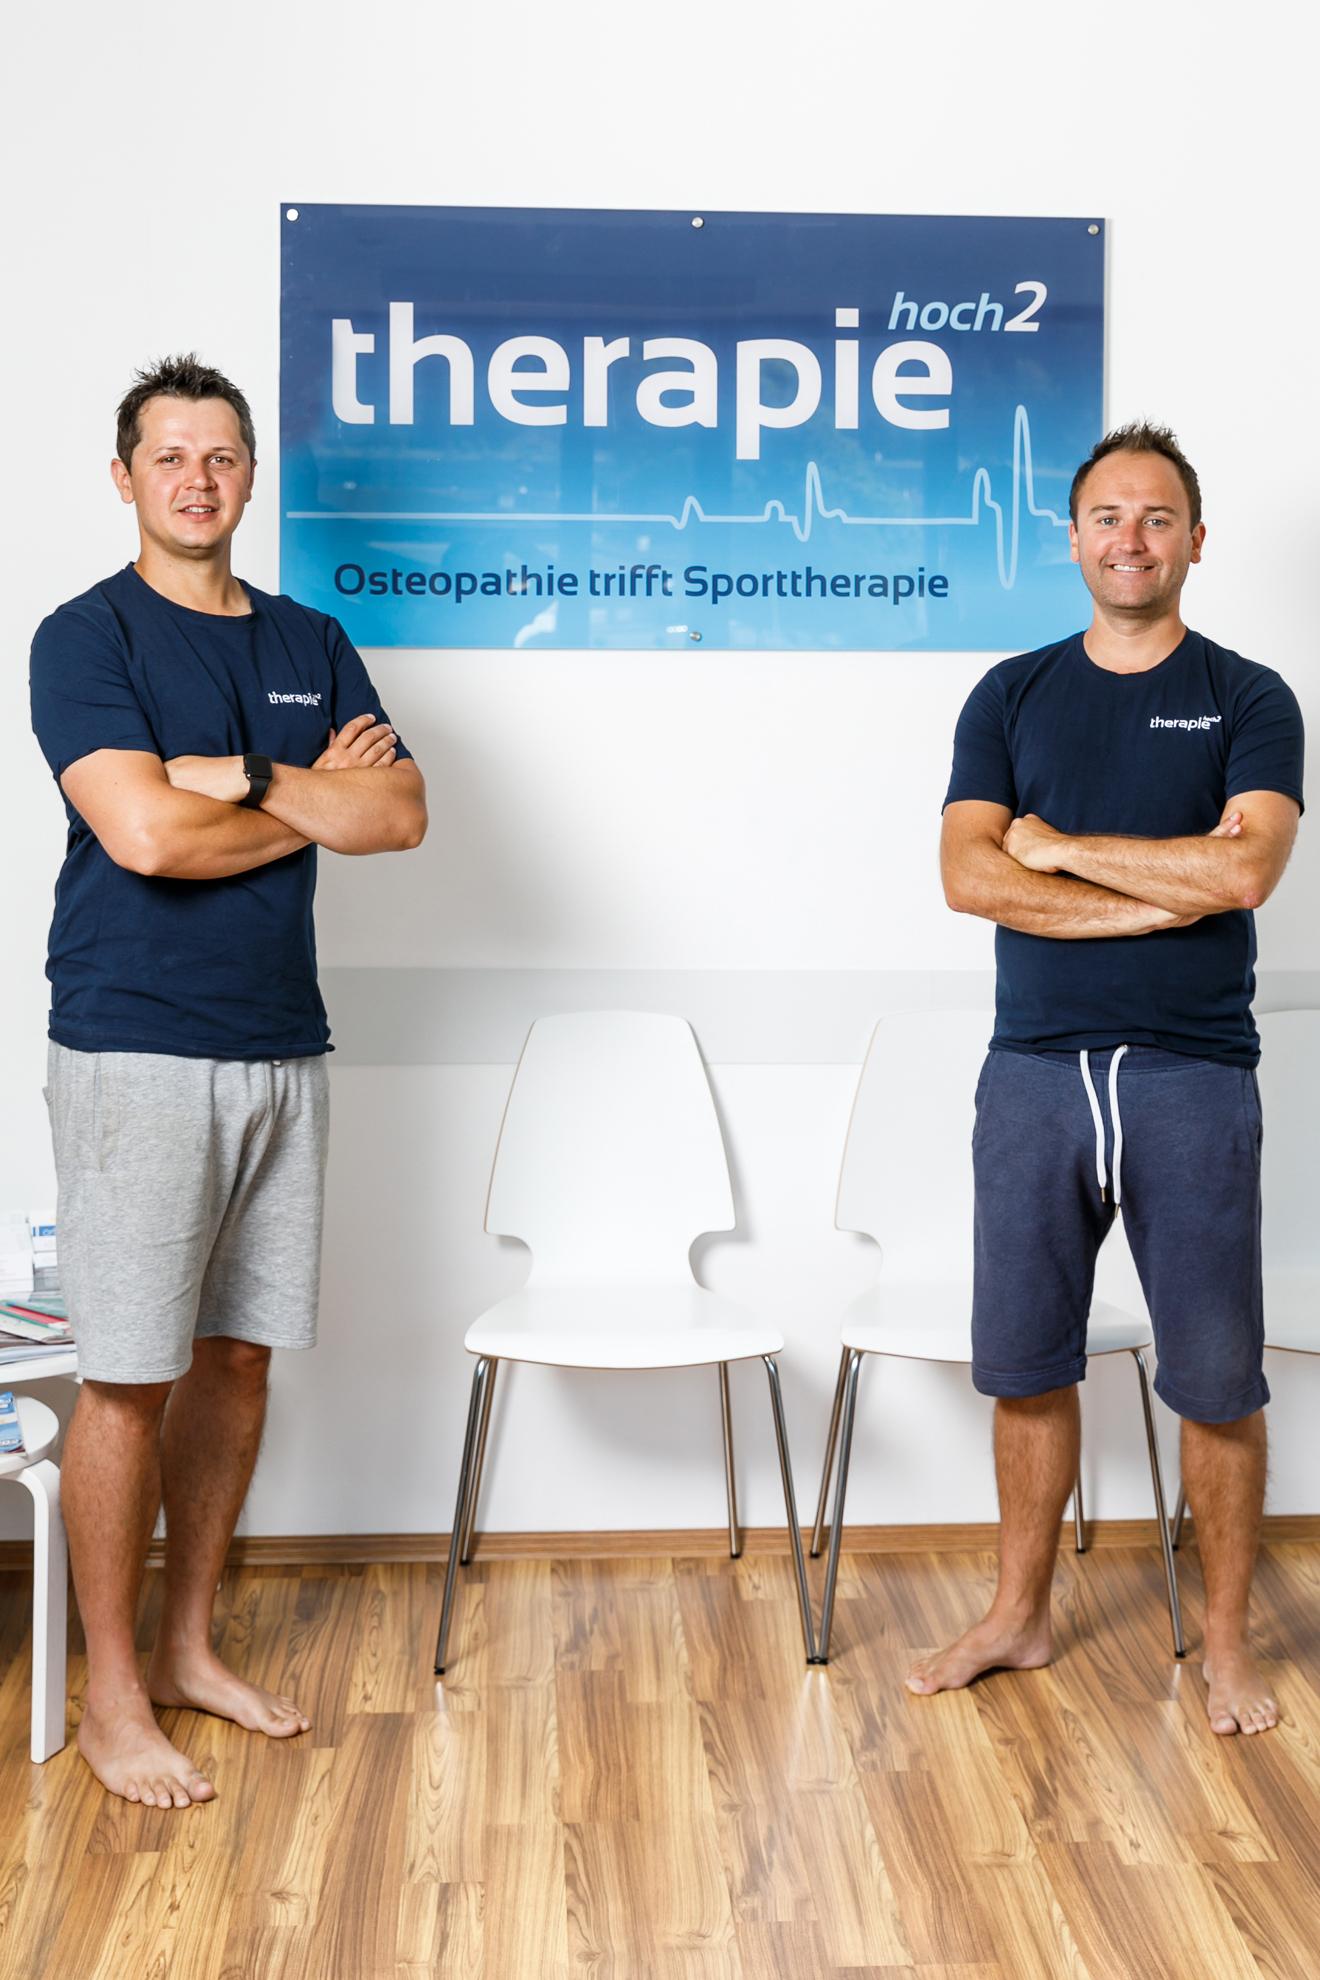 Team Therapie hoch2